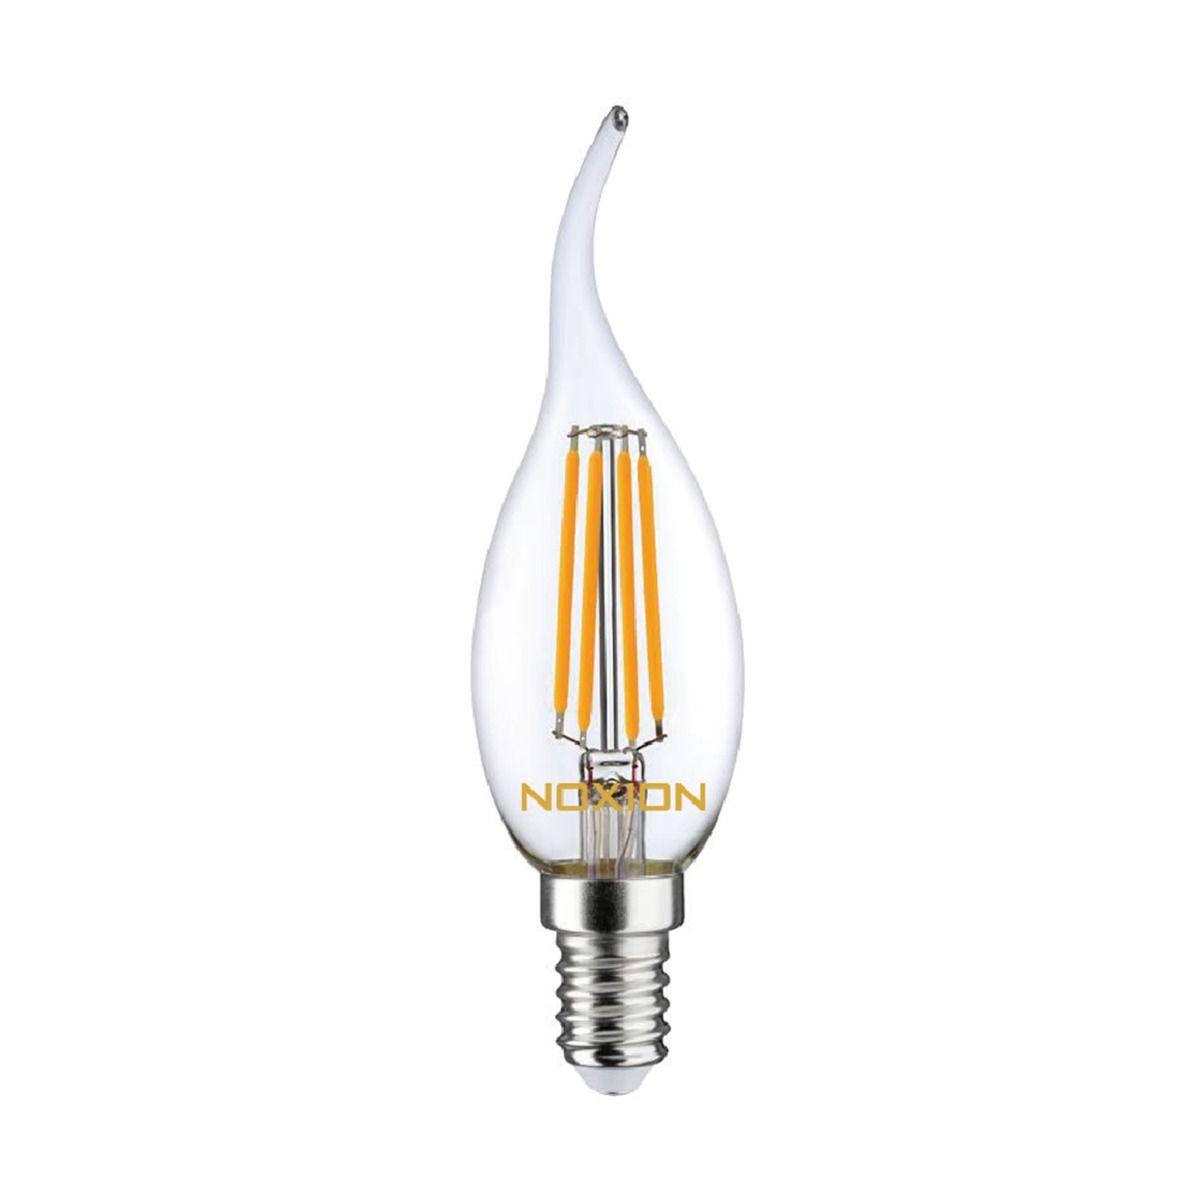 Noxion Lucent Kooldraad LED Candle 4.5W 827 BA35 E14 Helder | Dimbaar - Vervanger voor 40W